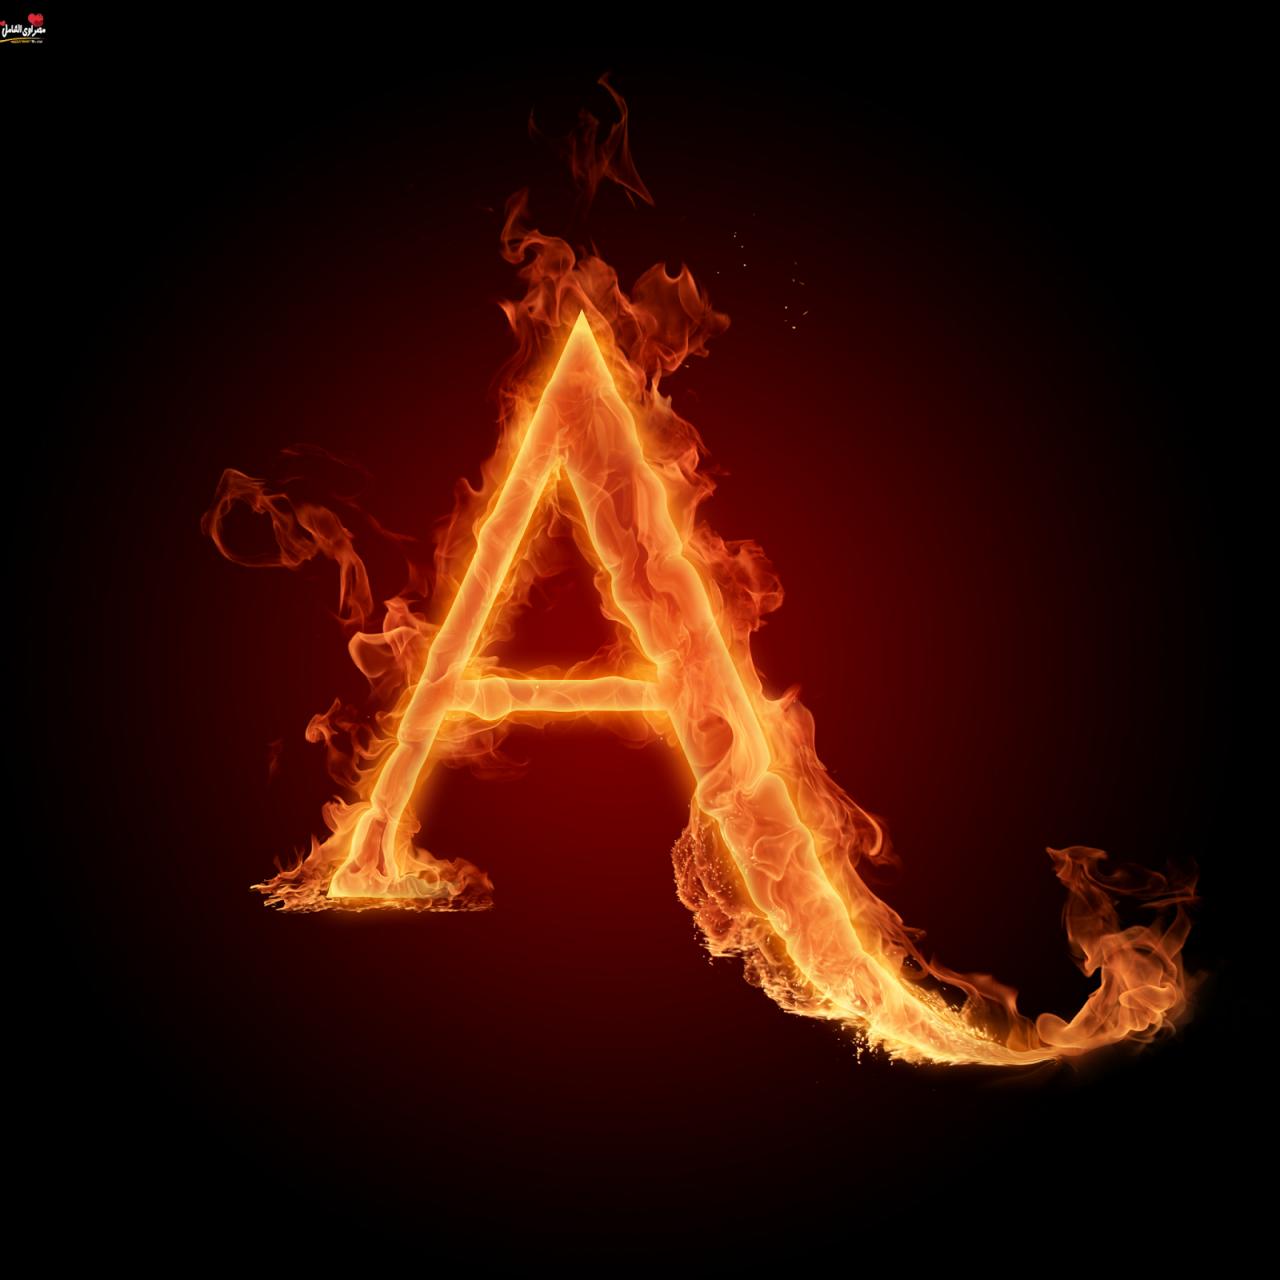 صورة تحميل صور حرف a , صور مميزه جدا لحرف ال a